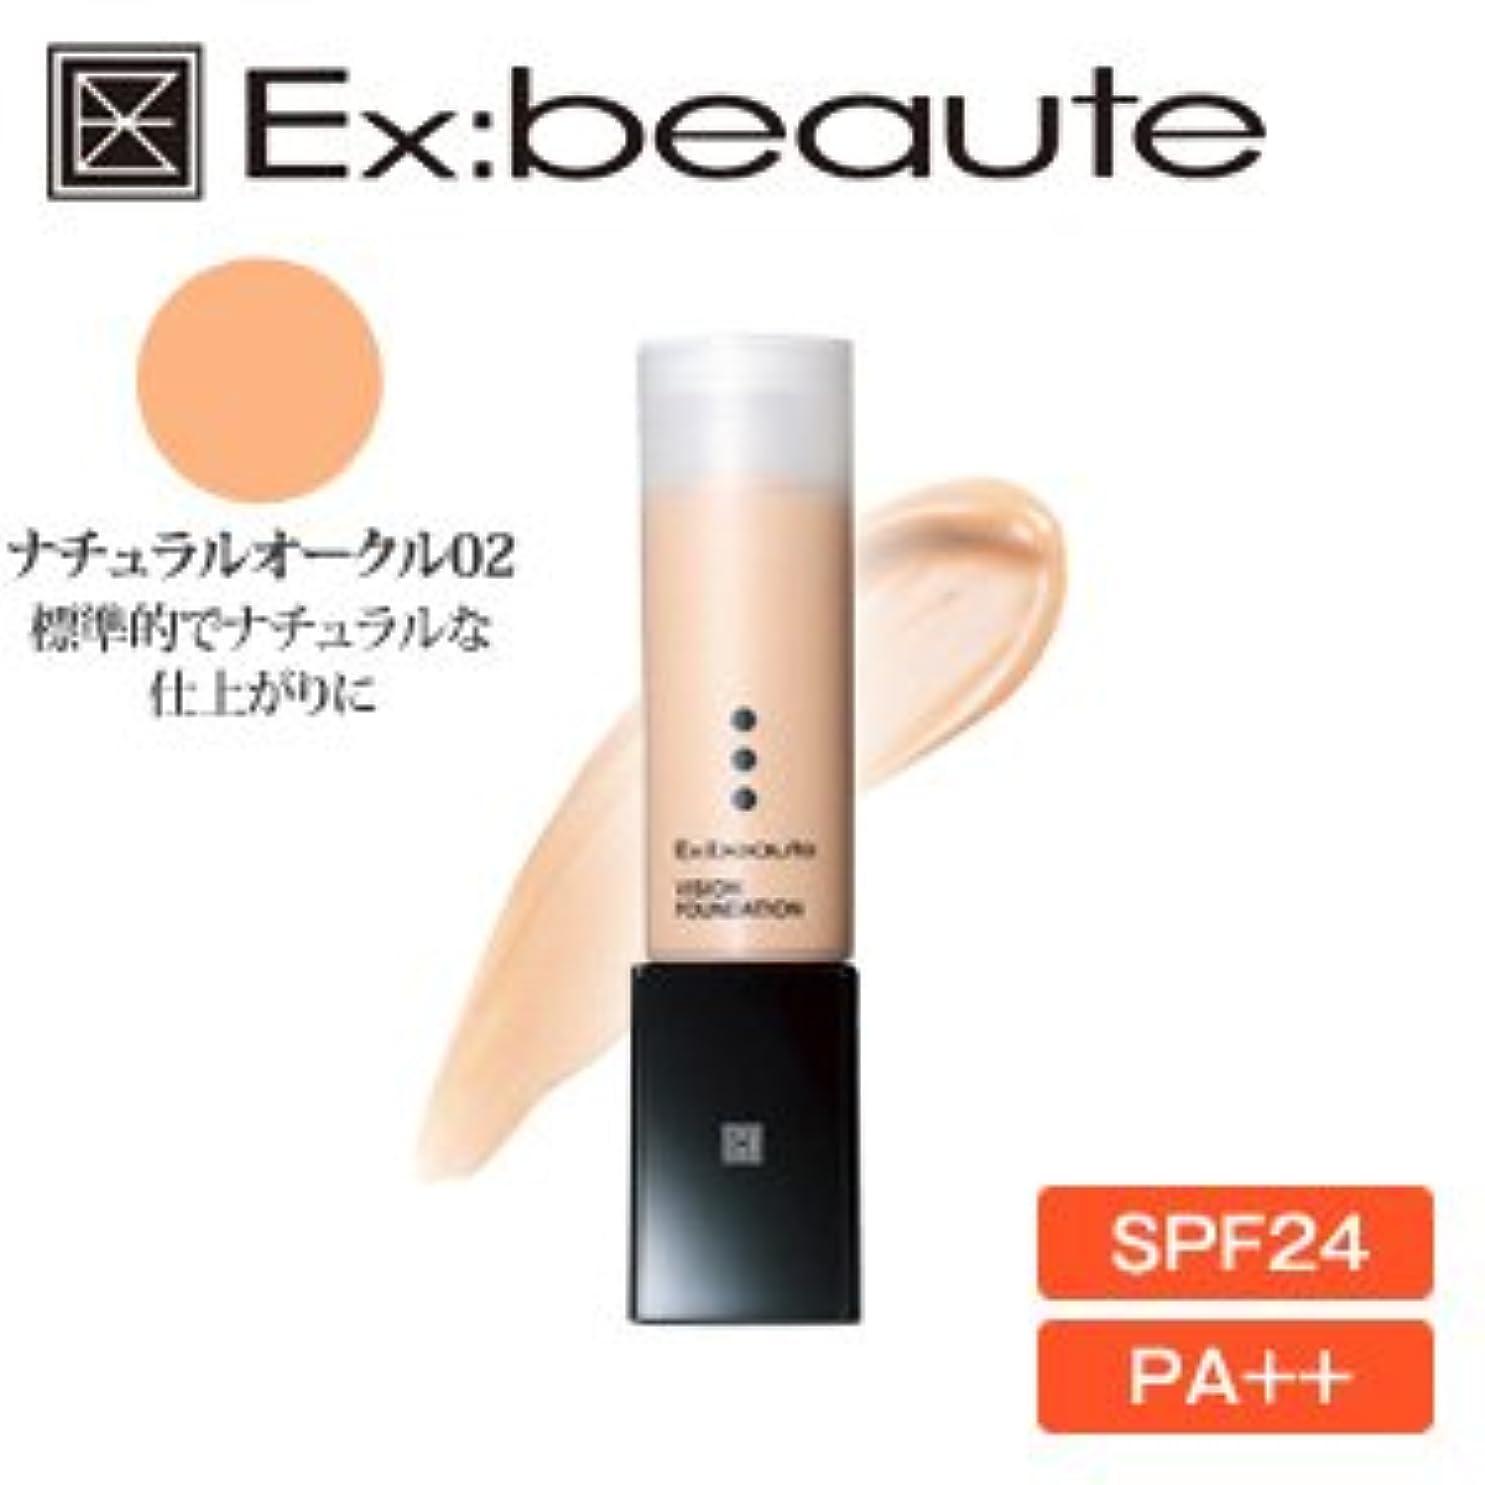 名前研磨誠実さEx:beaute (エクスボーテ) ビジョンファンデーション リキッドモイストタイプ ナチュラルオークル02